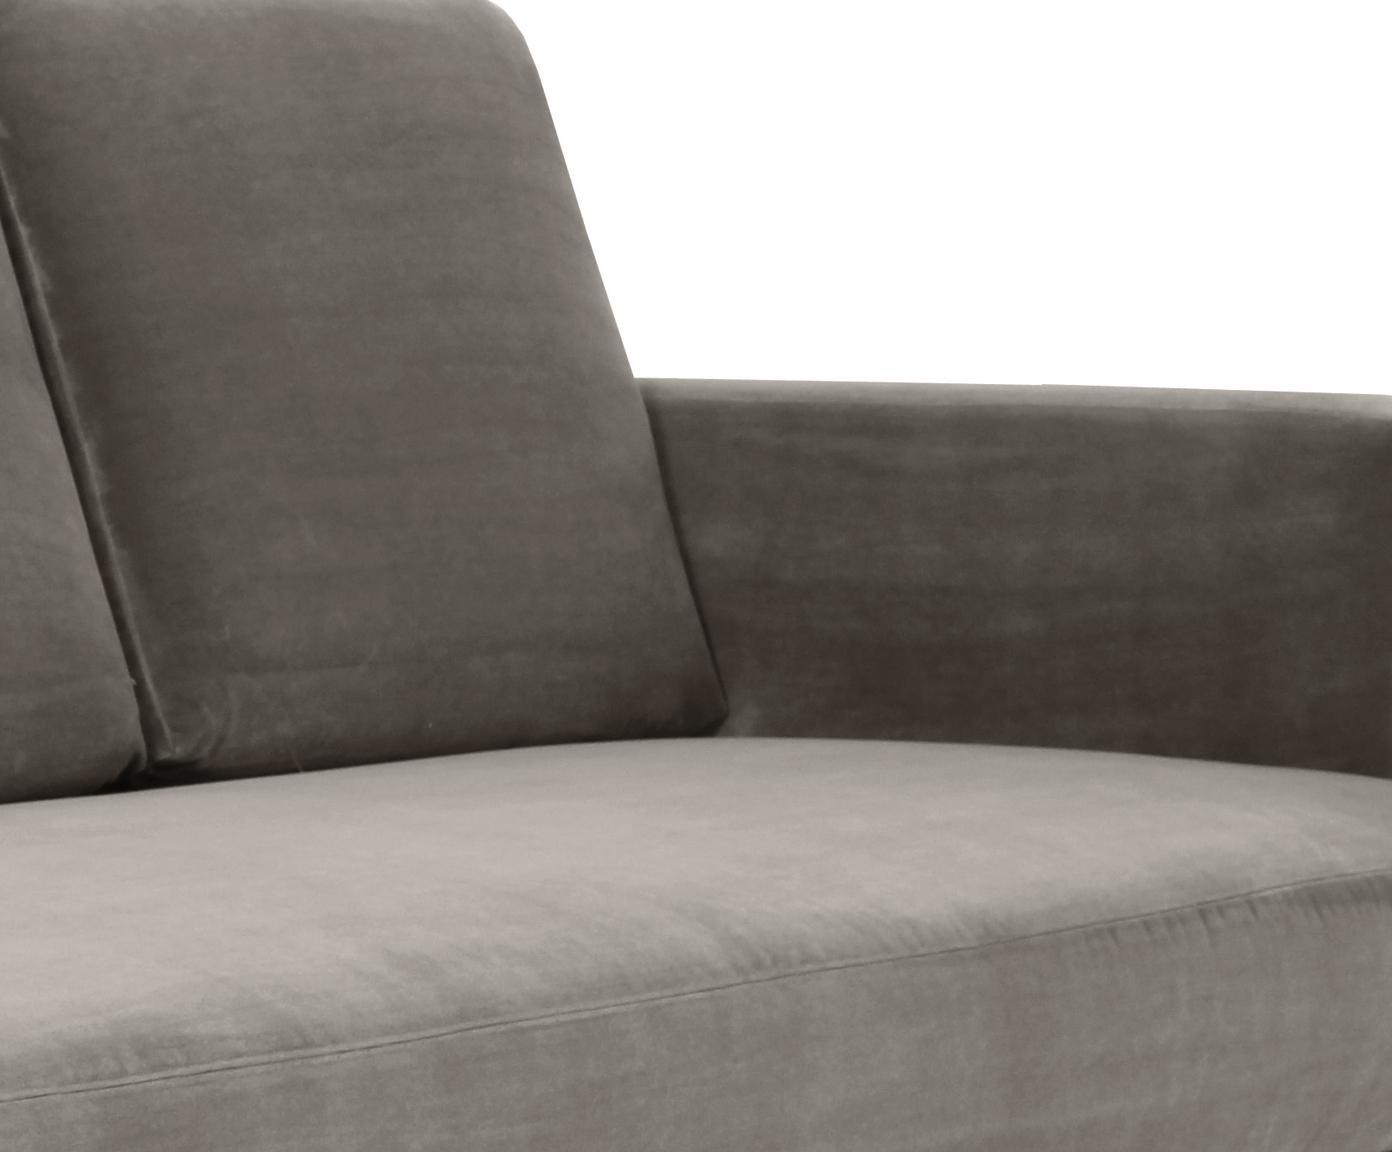 Chaise longue in velluto grigio Fluente, Rivestimento: velluto (copertura in pol, Struttura: legno di pino massiccio, Piedini: metallo verniciato, Velluto grigio marrone, Larg. 201 x Prof. 83 cm